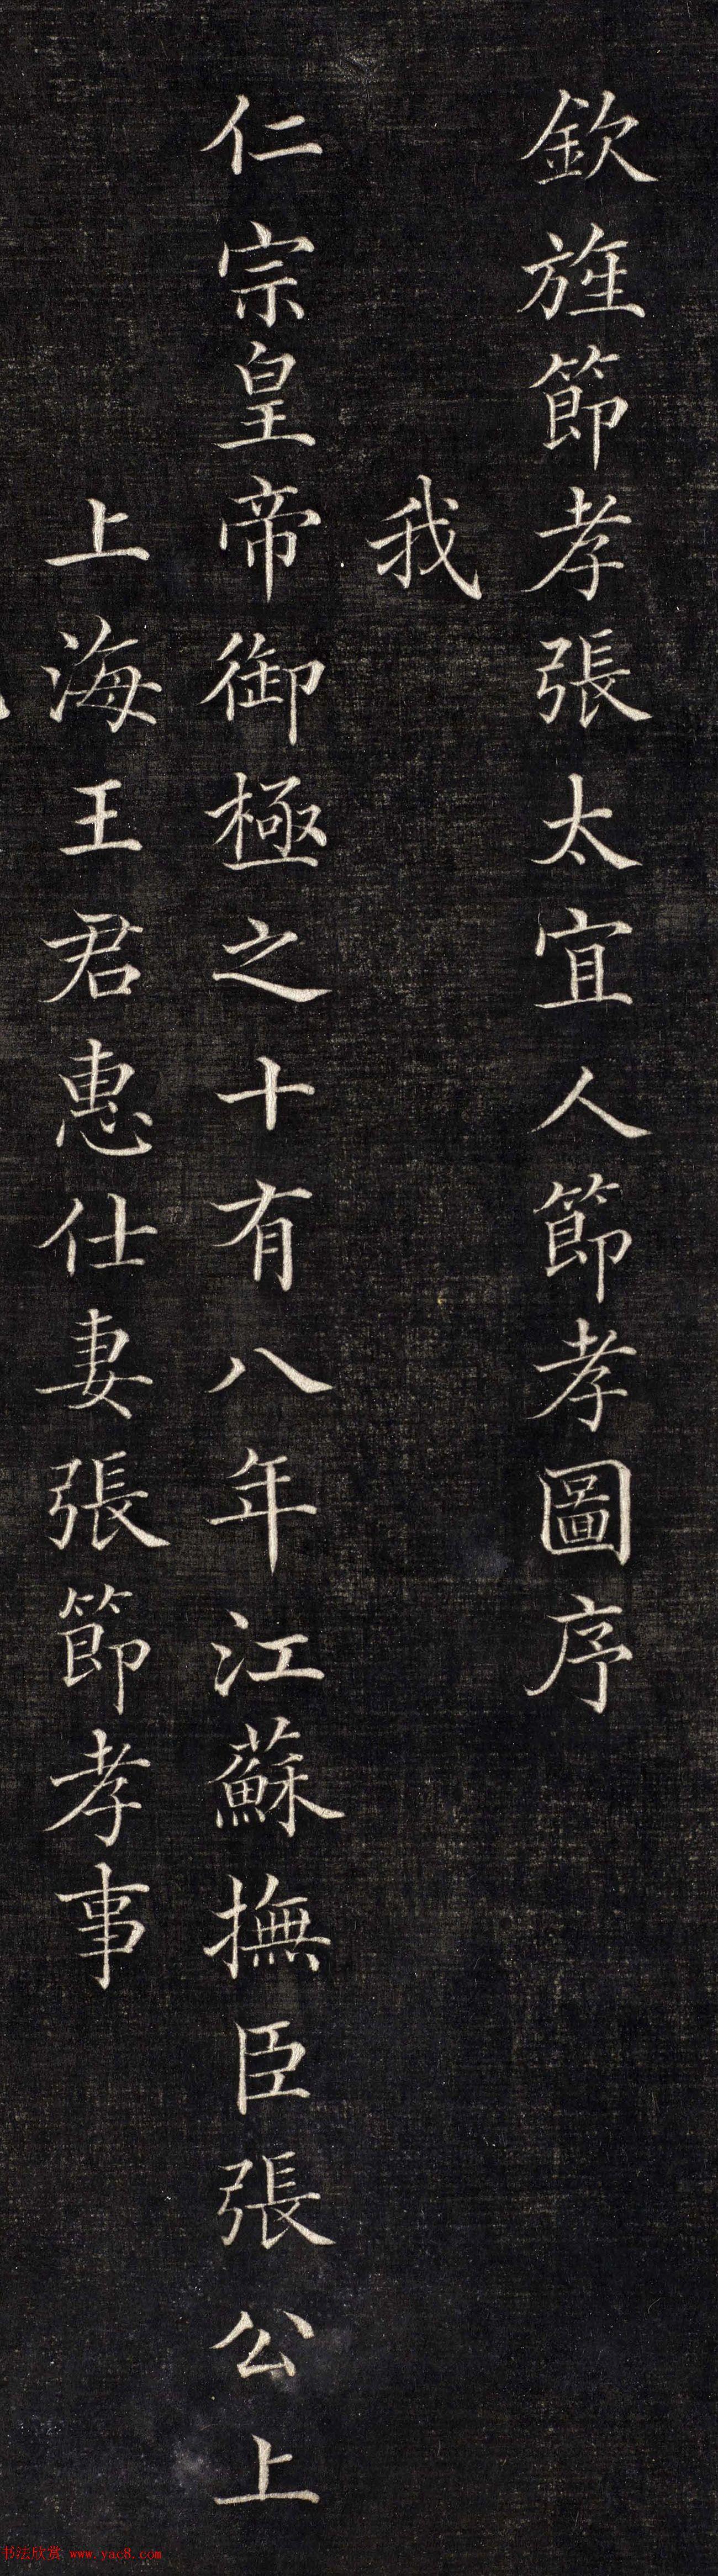 清代倪承璐小楷《张太宜人节孝图序》